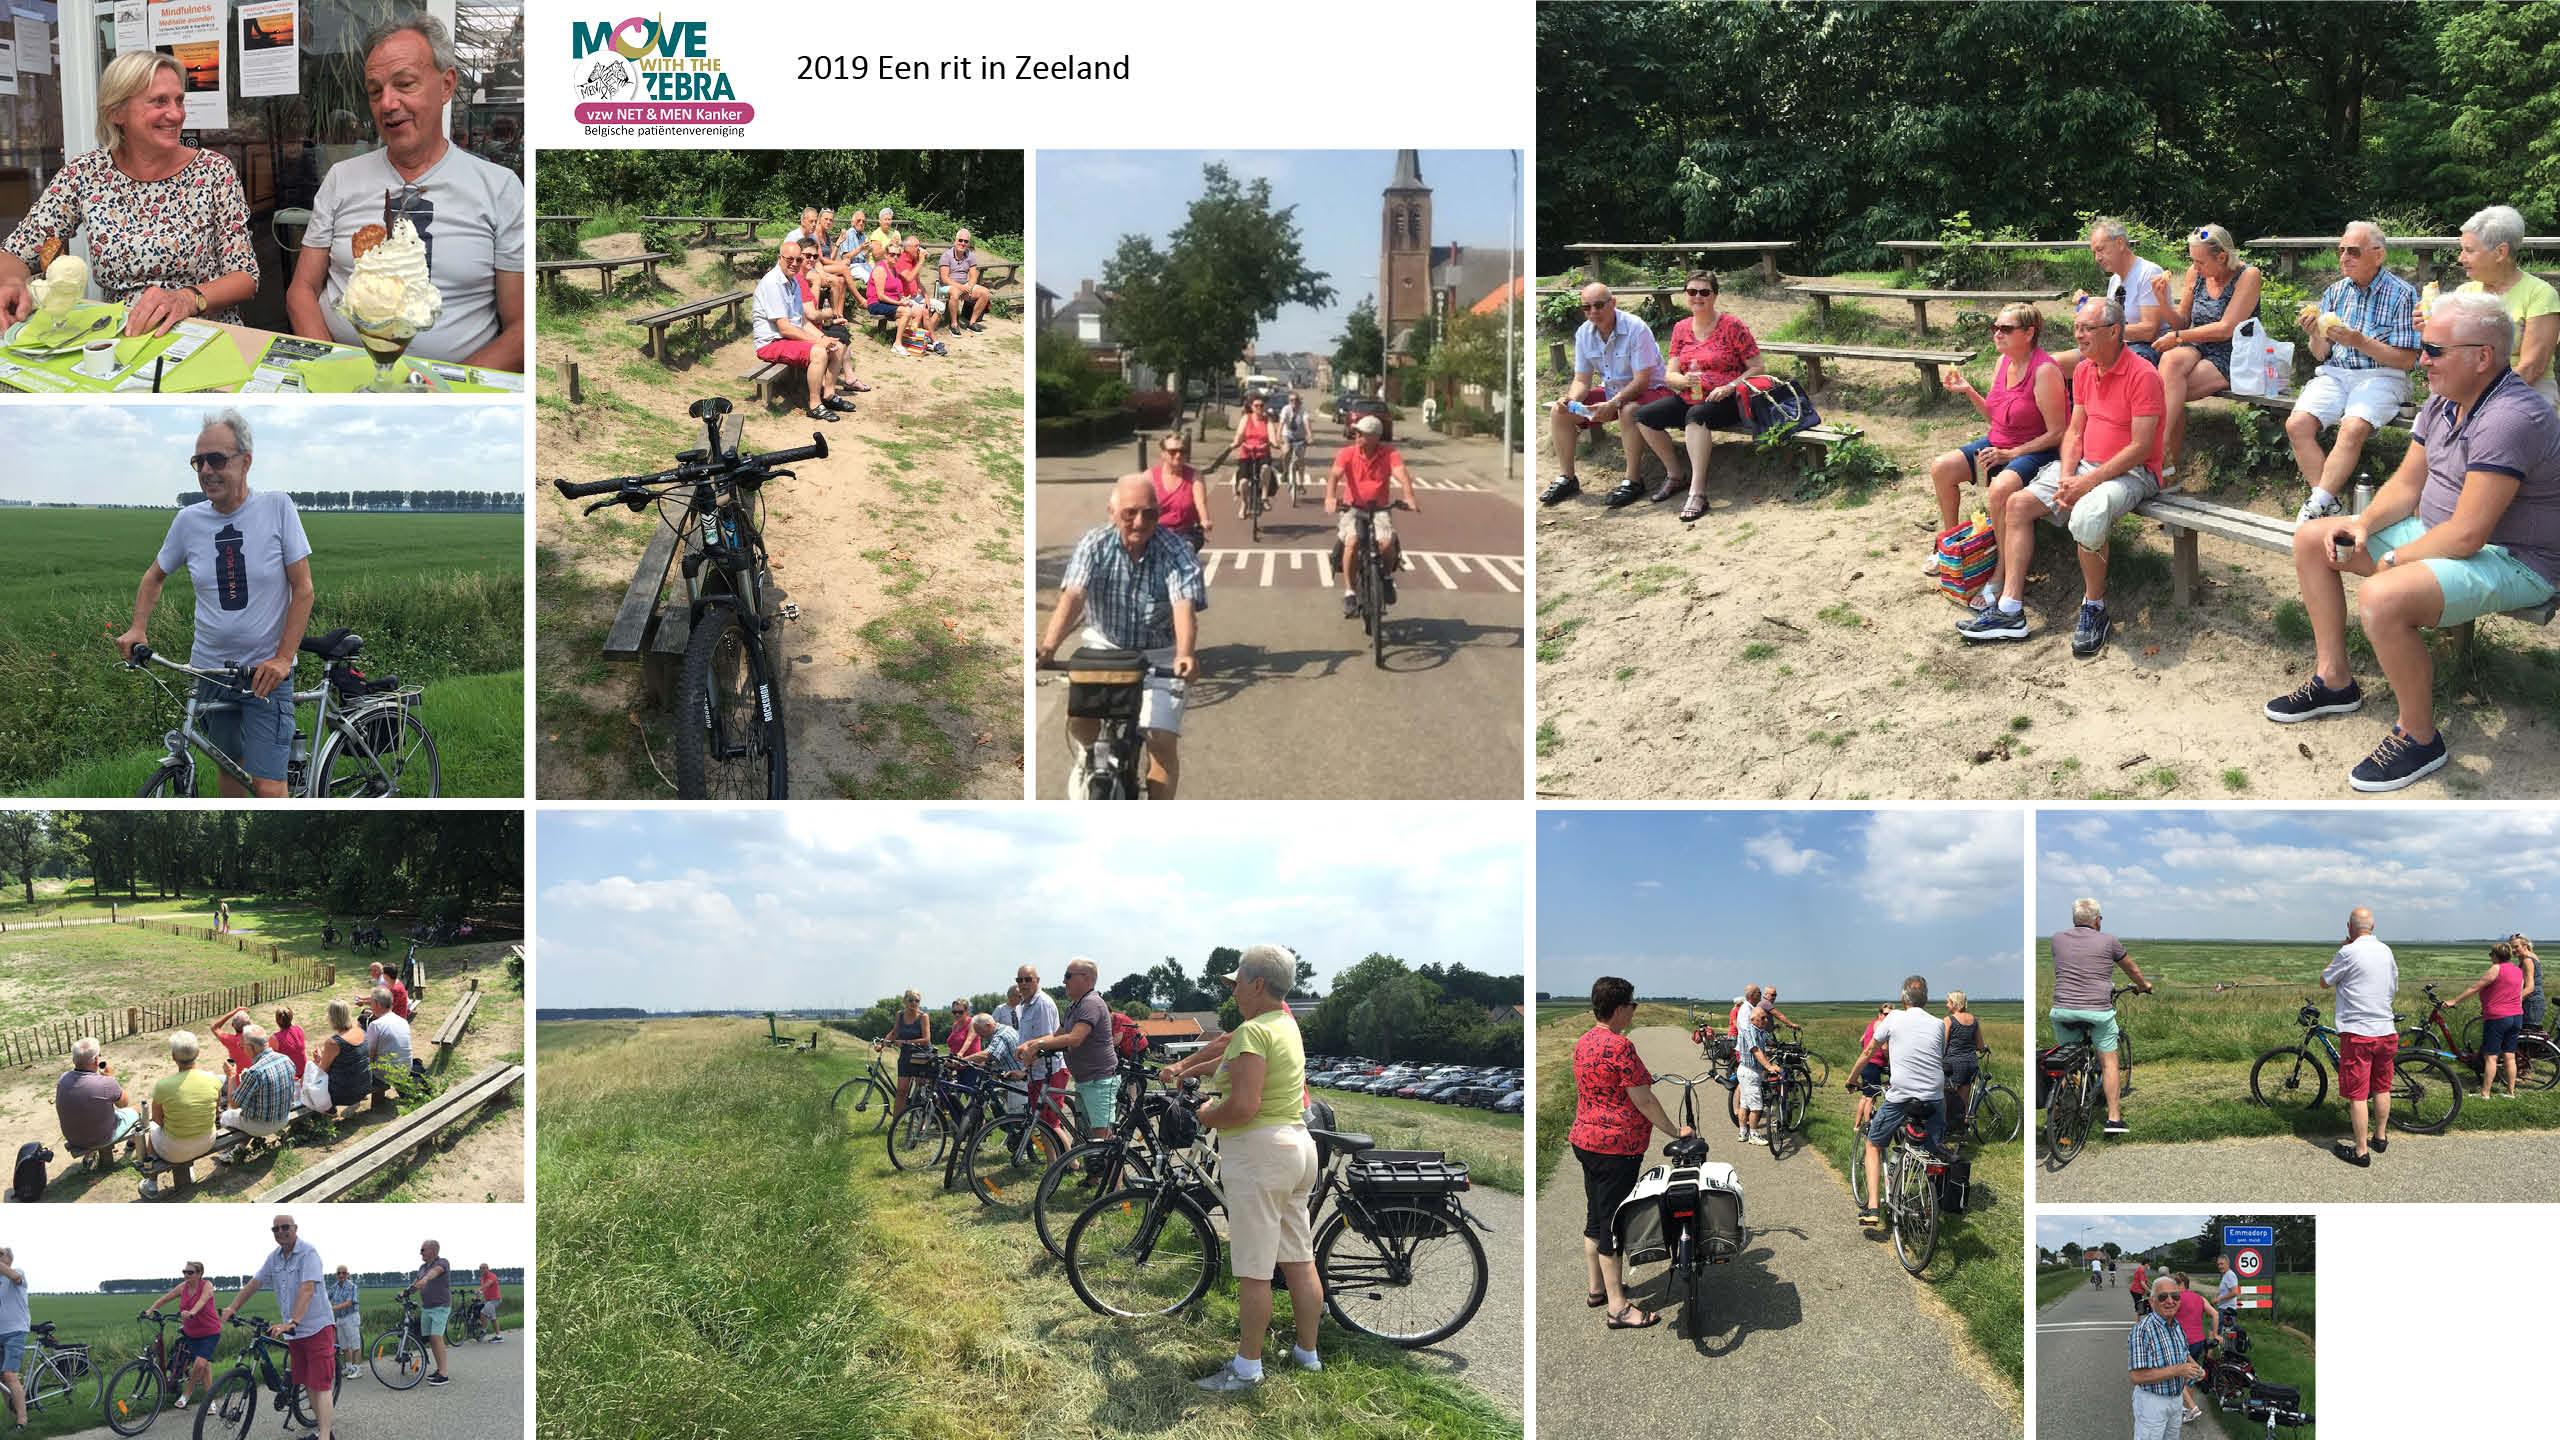 Move with the Zebra bijeenkomst in 2019 in Zeeland